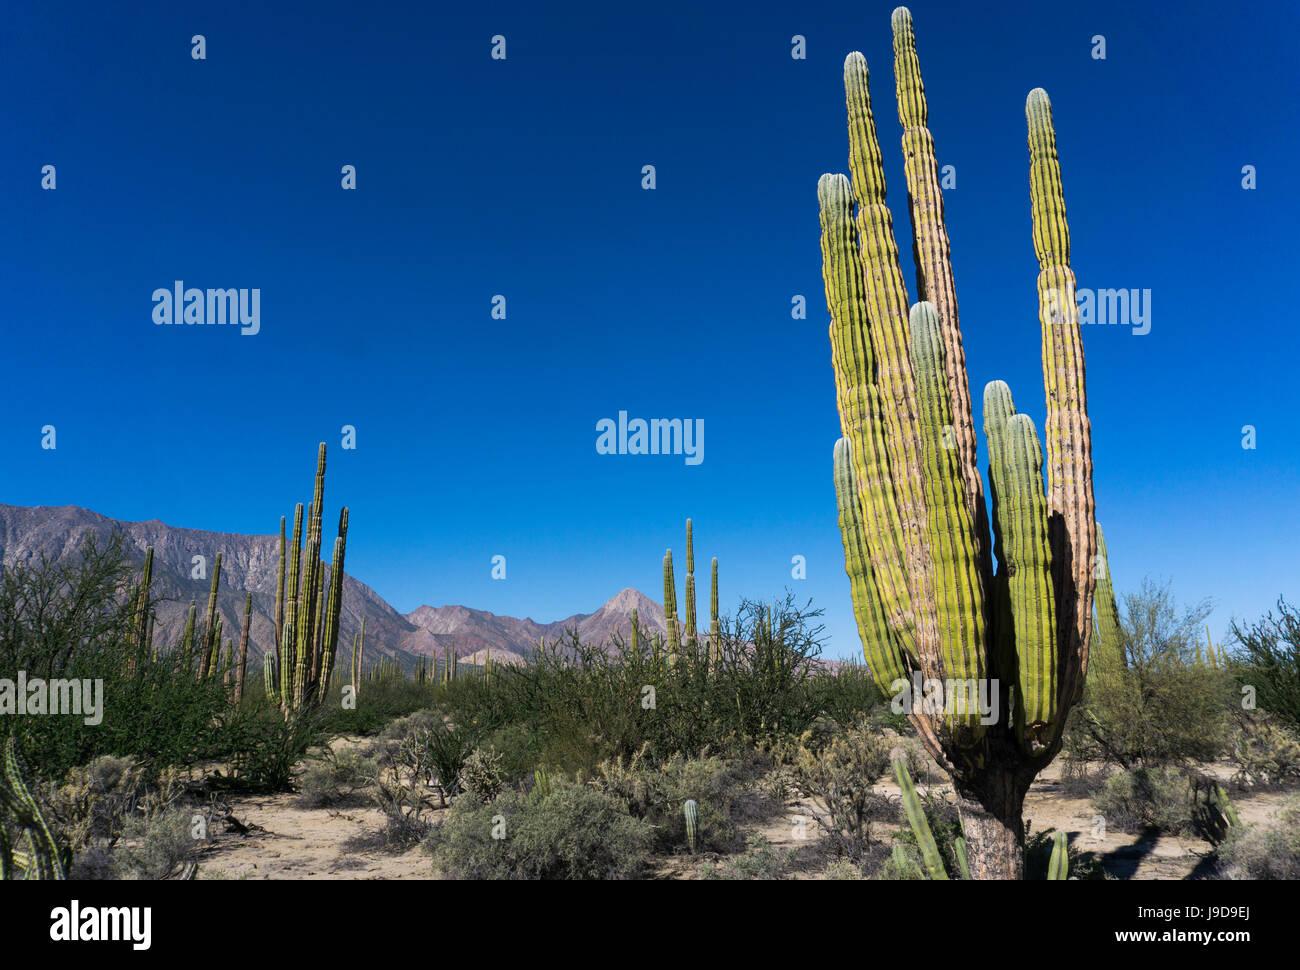 Cactus En El Seco Desierto Como Paisaje Baja California Mexico - Cactus-seco